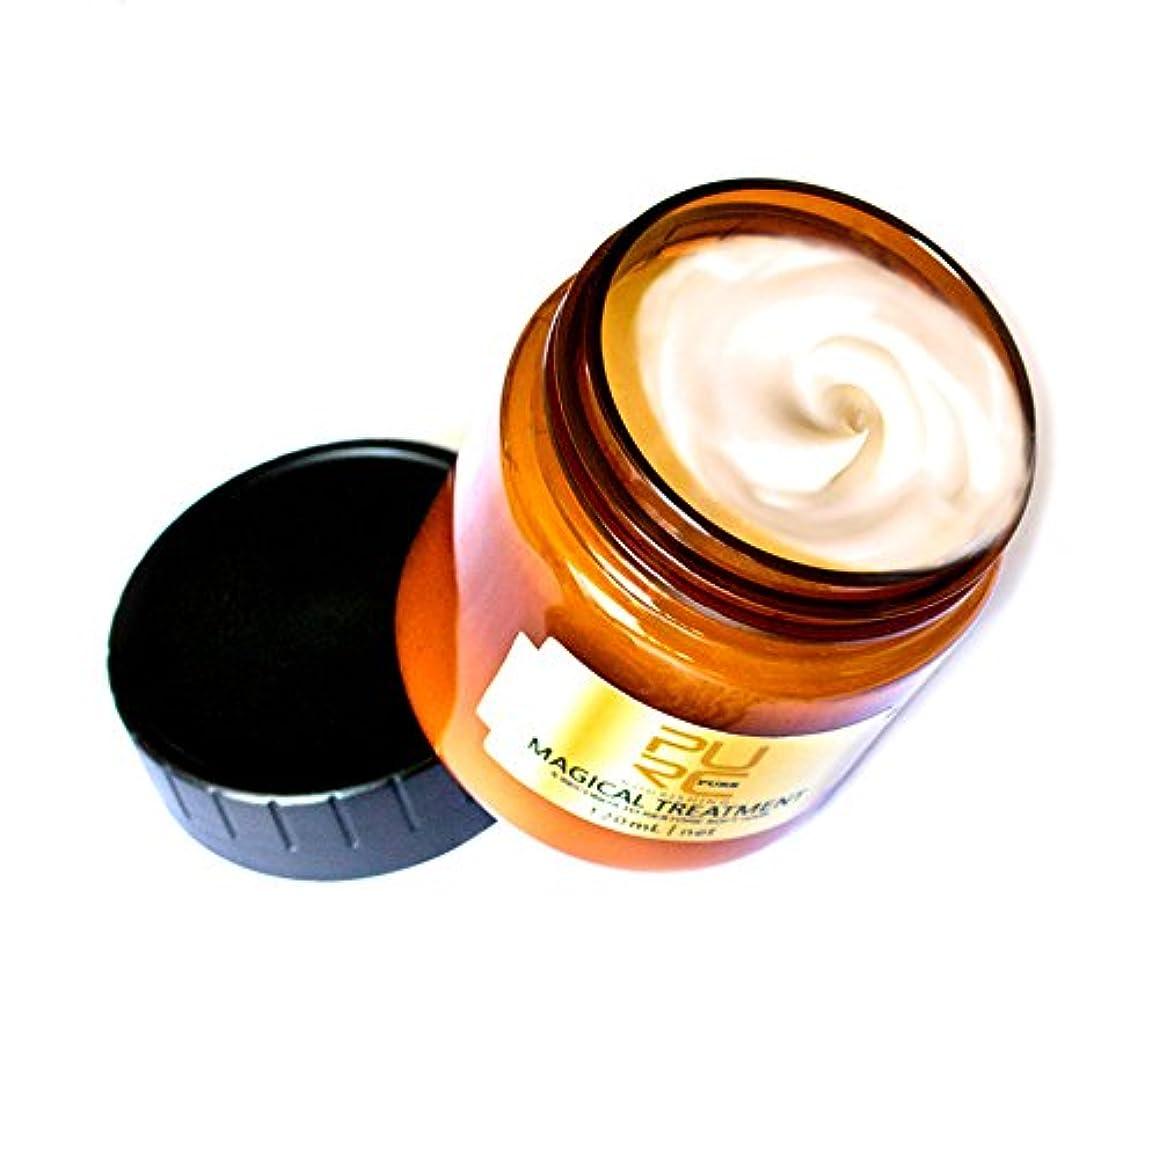 ドレインアラバマ記憶ALBAMD- ディープリペア 軟膏 ヘアマスク 髪 ヘッド ヘア 白 柔らかい 滑らか 栄養 (60ML)